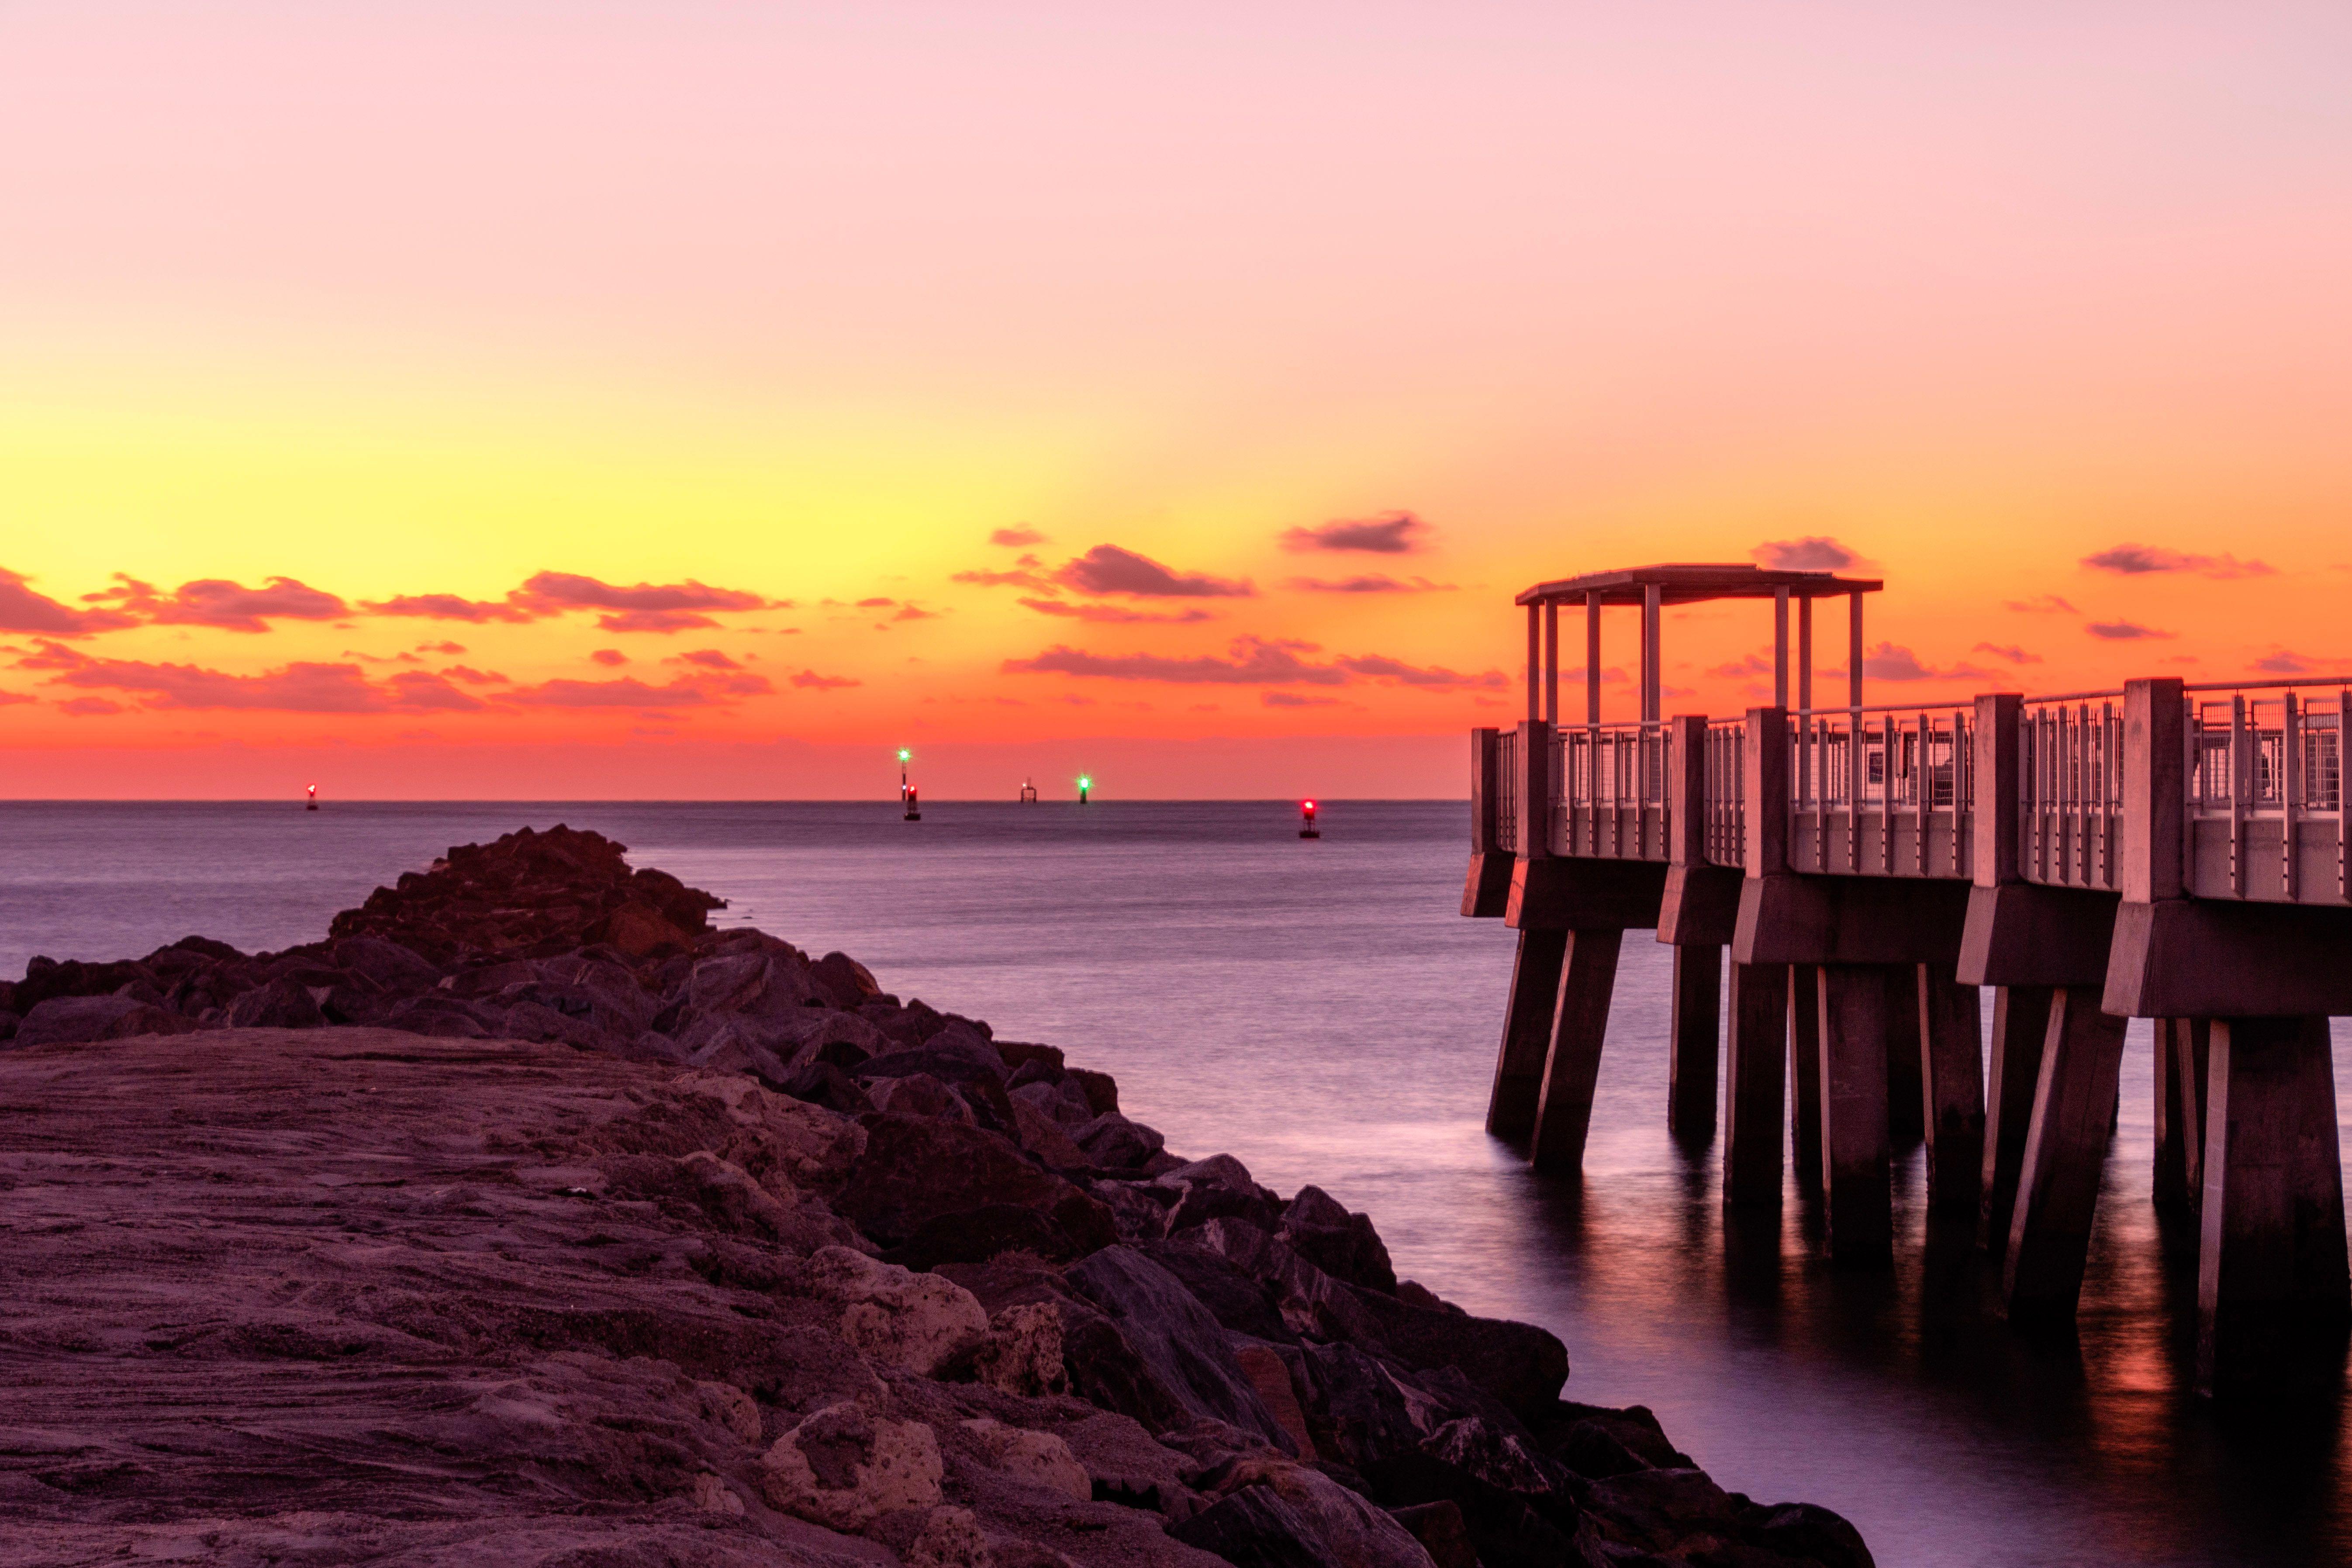 Miami Beach South Pointe Park Photo By